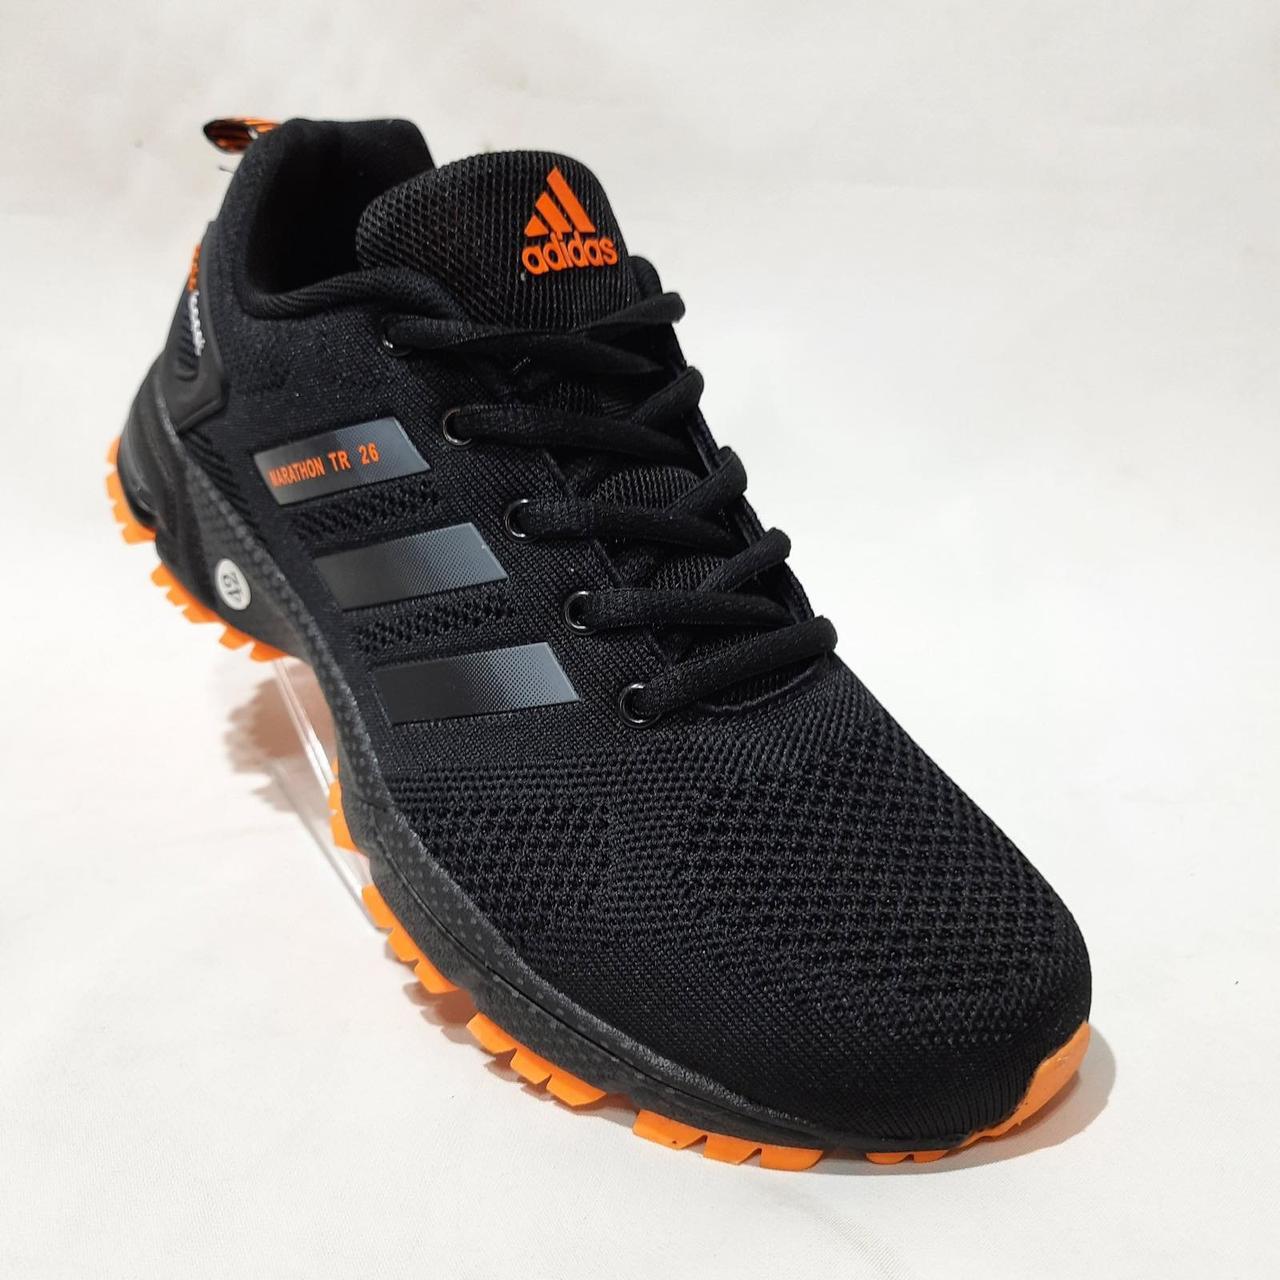 44 р. Літні чоловічі кросівки Adidass (репліка) сітка Чорні Остання пара